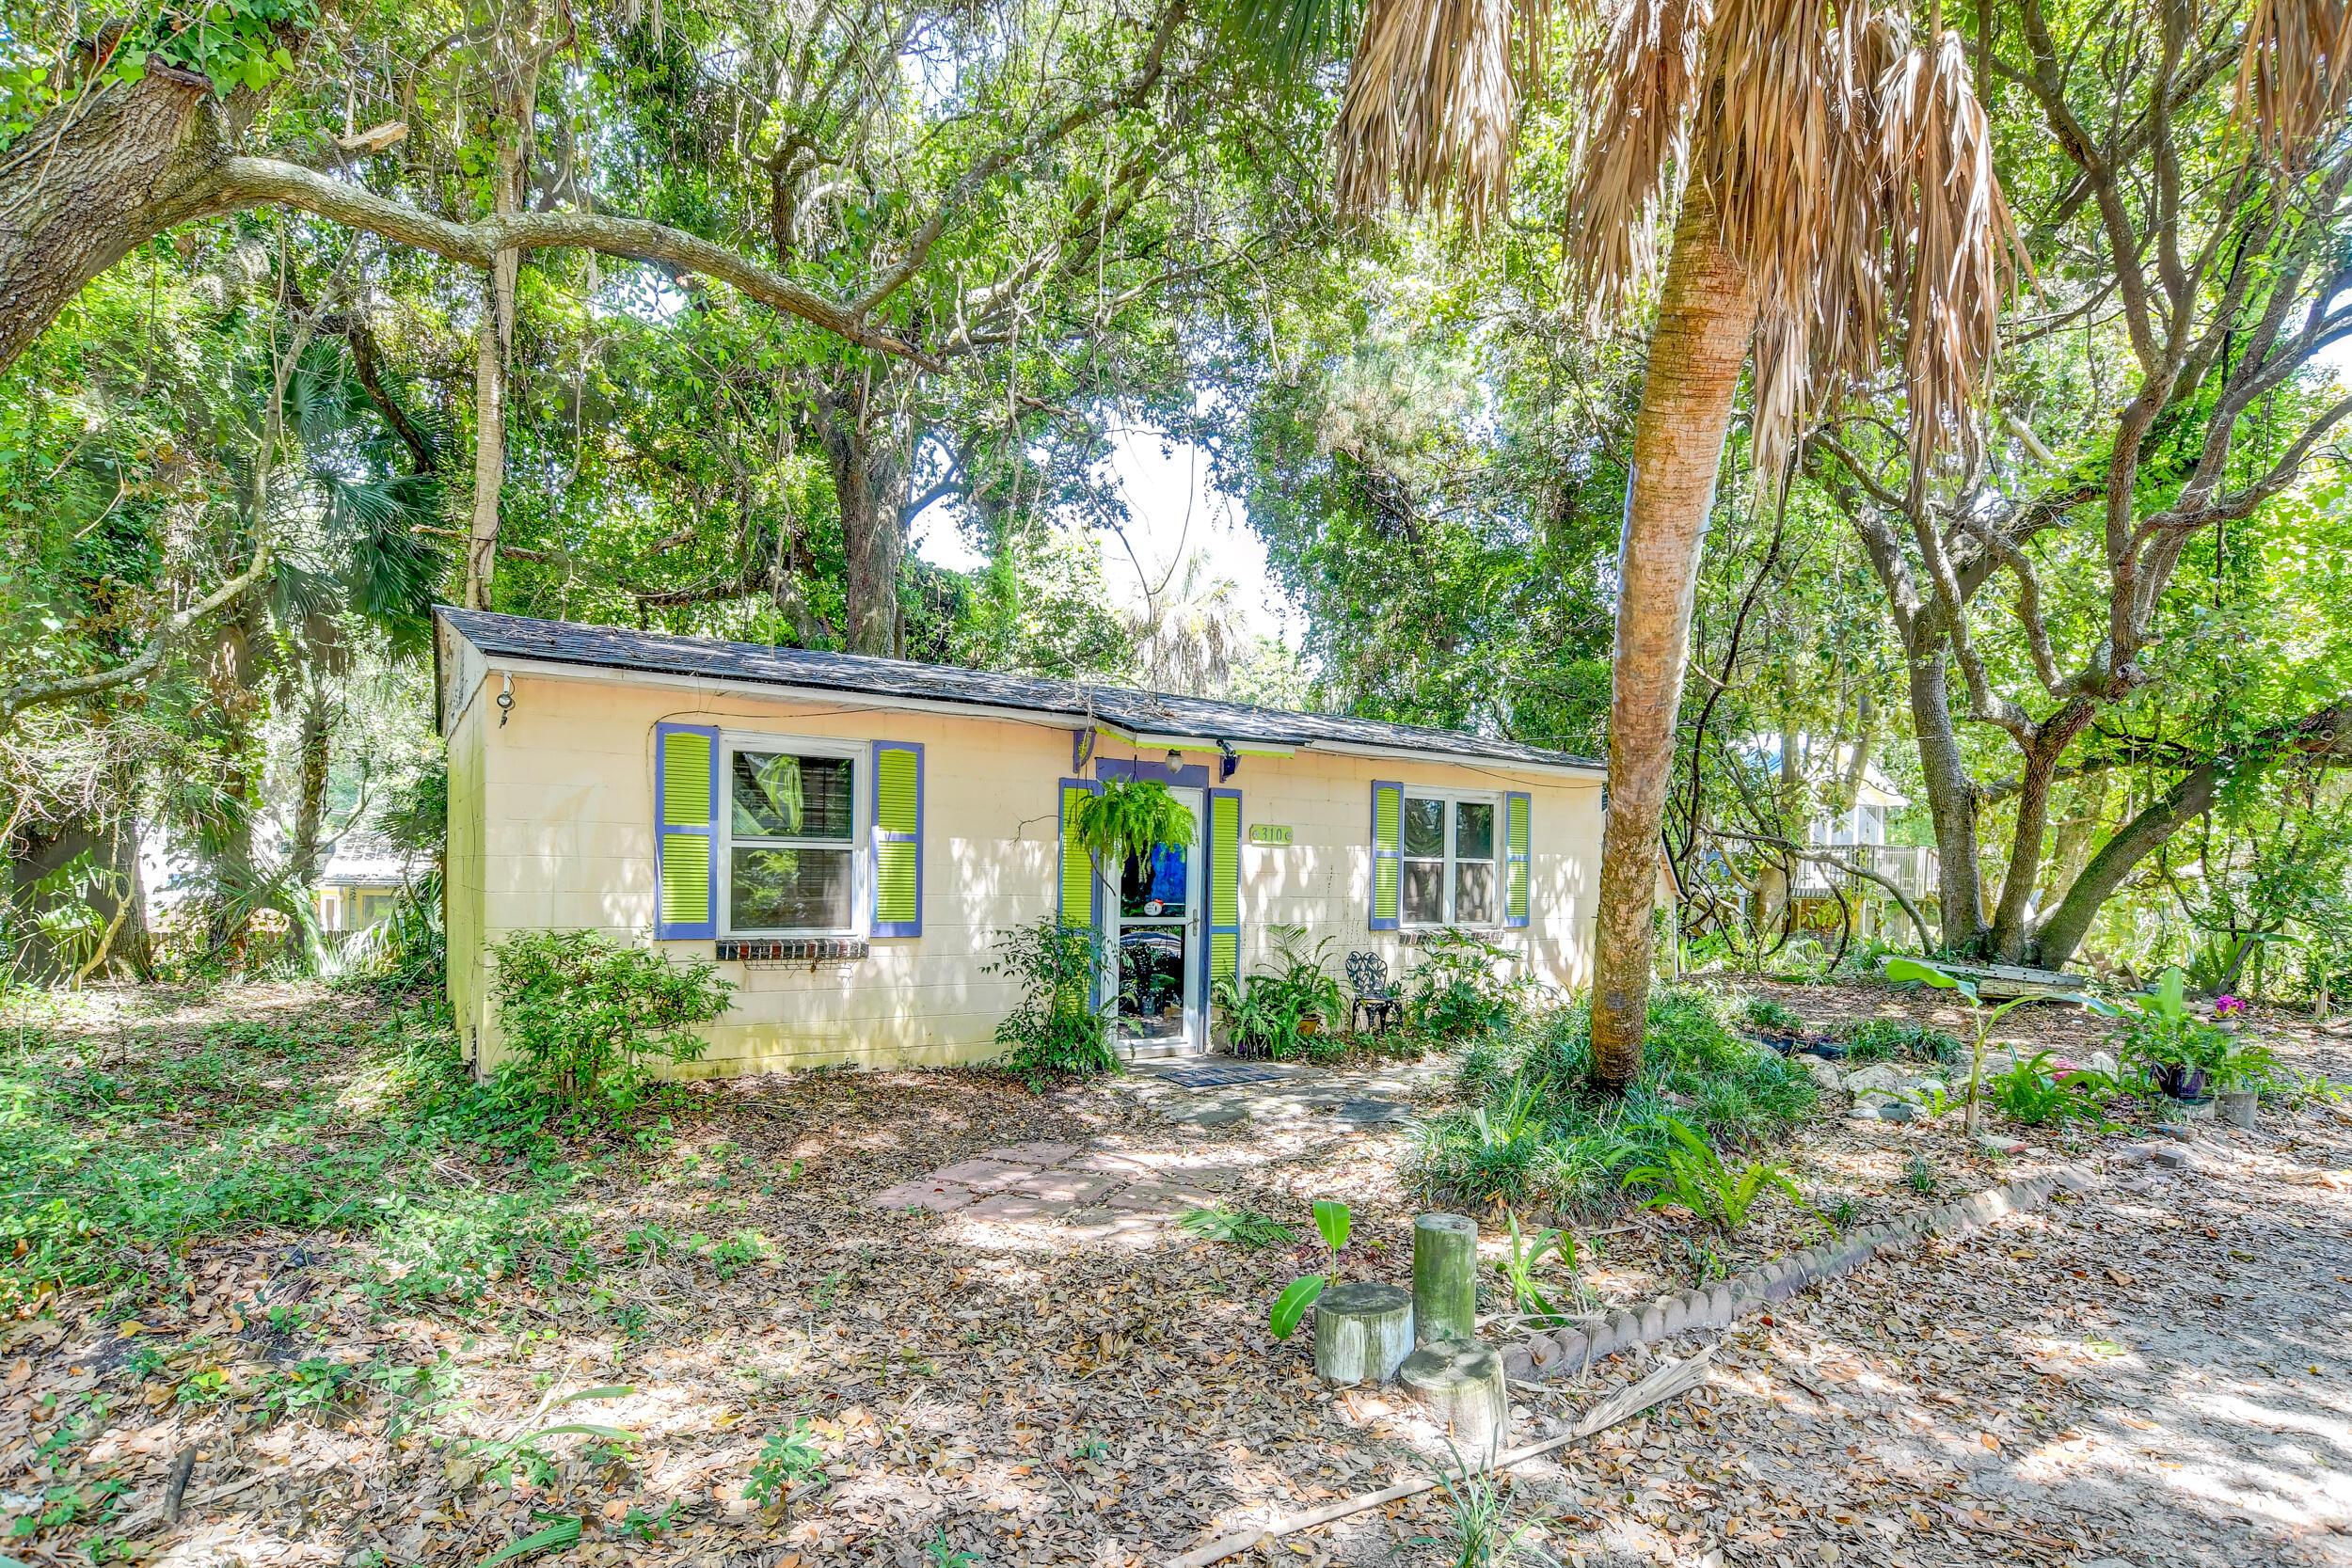 Folly Beach Homes For Sale - 310 Hudson, Folly Beach, SC - 8